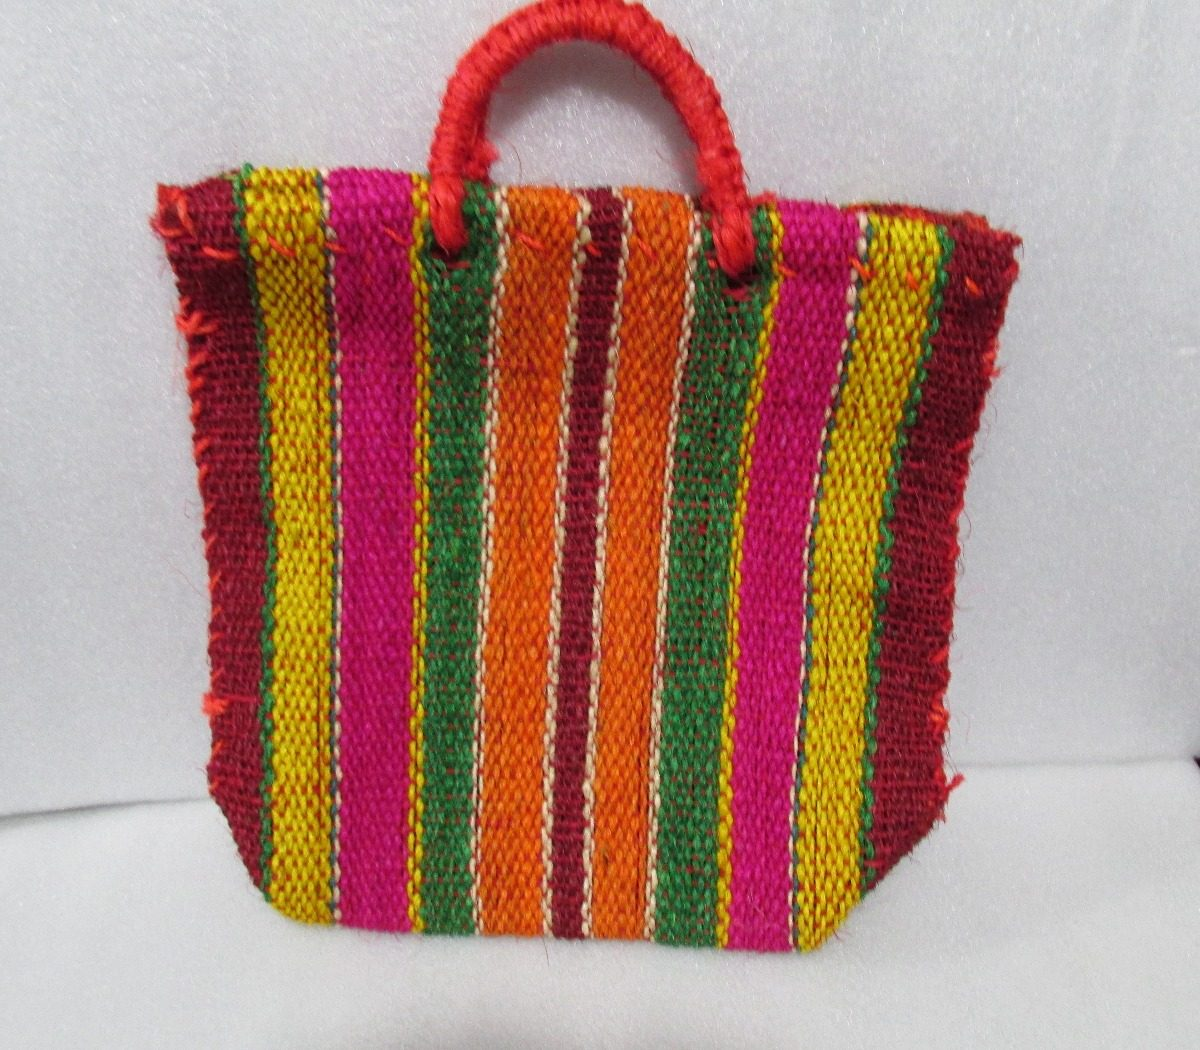 Bolsa Artesanal Hecha De Ixtle,a Mano,encolores Med.n°4,12 P ...